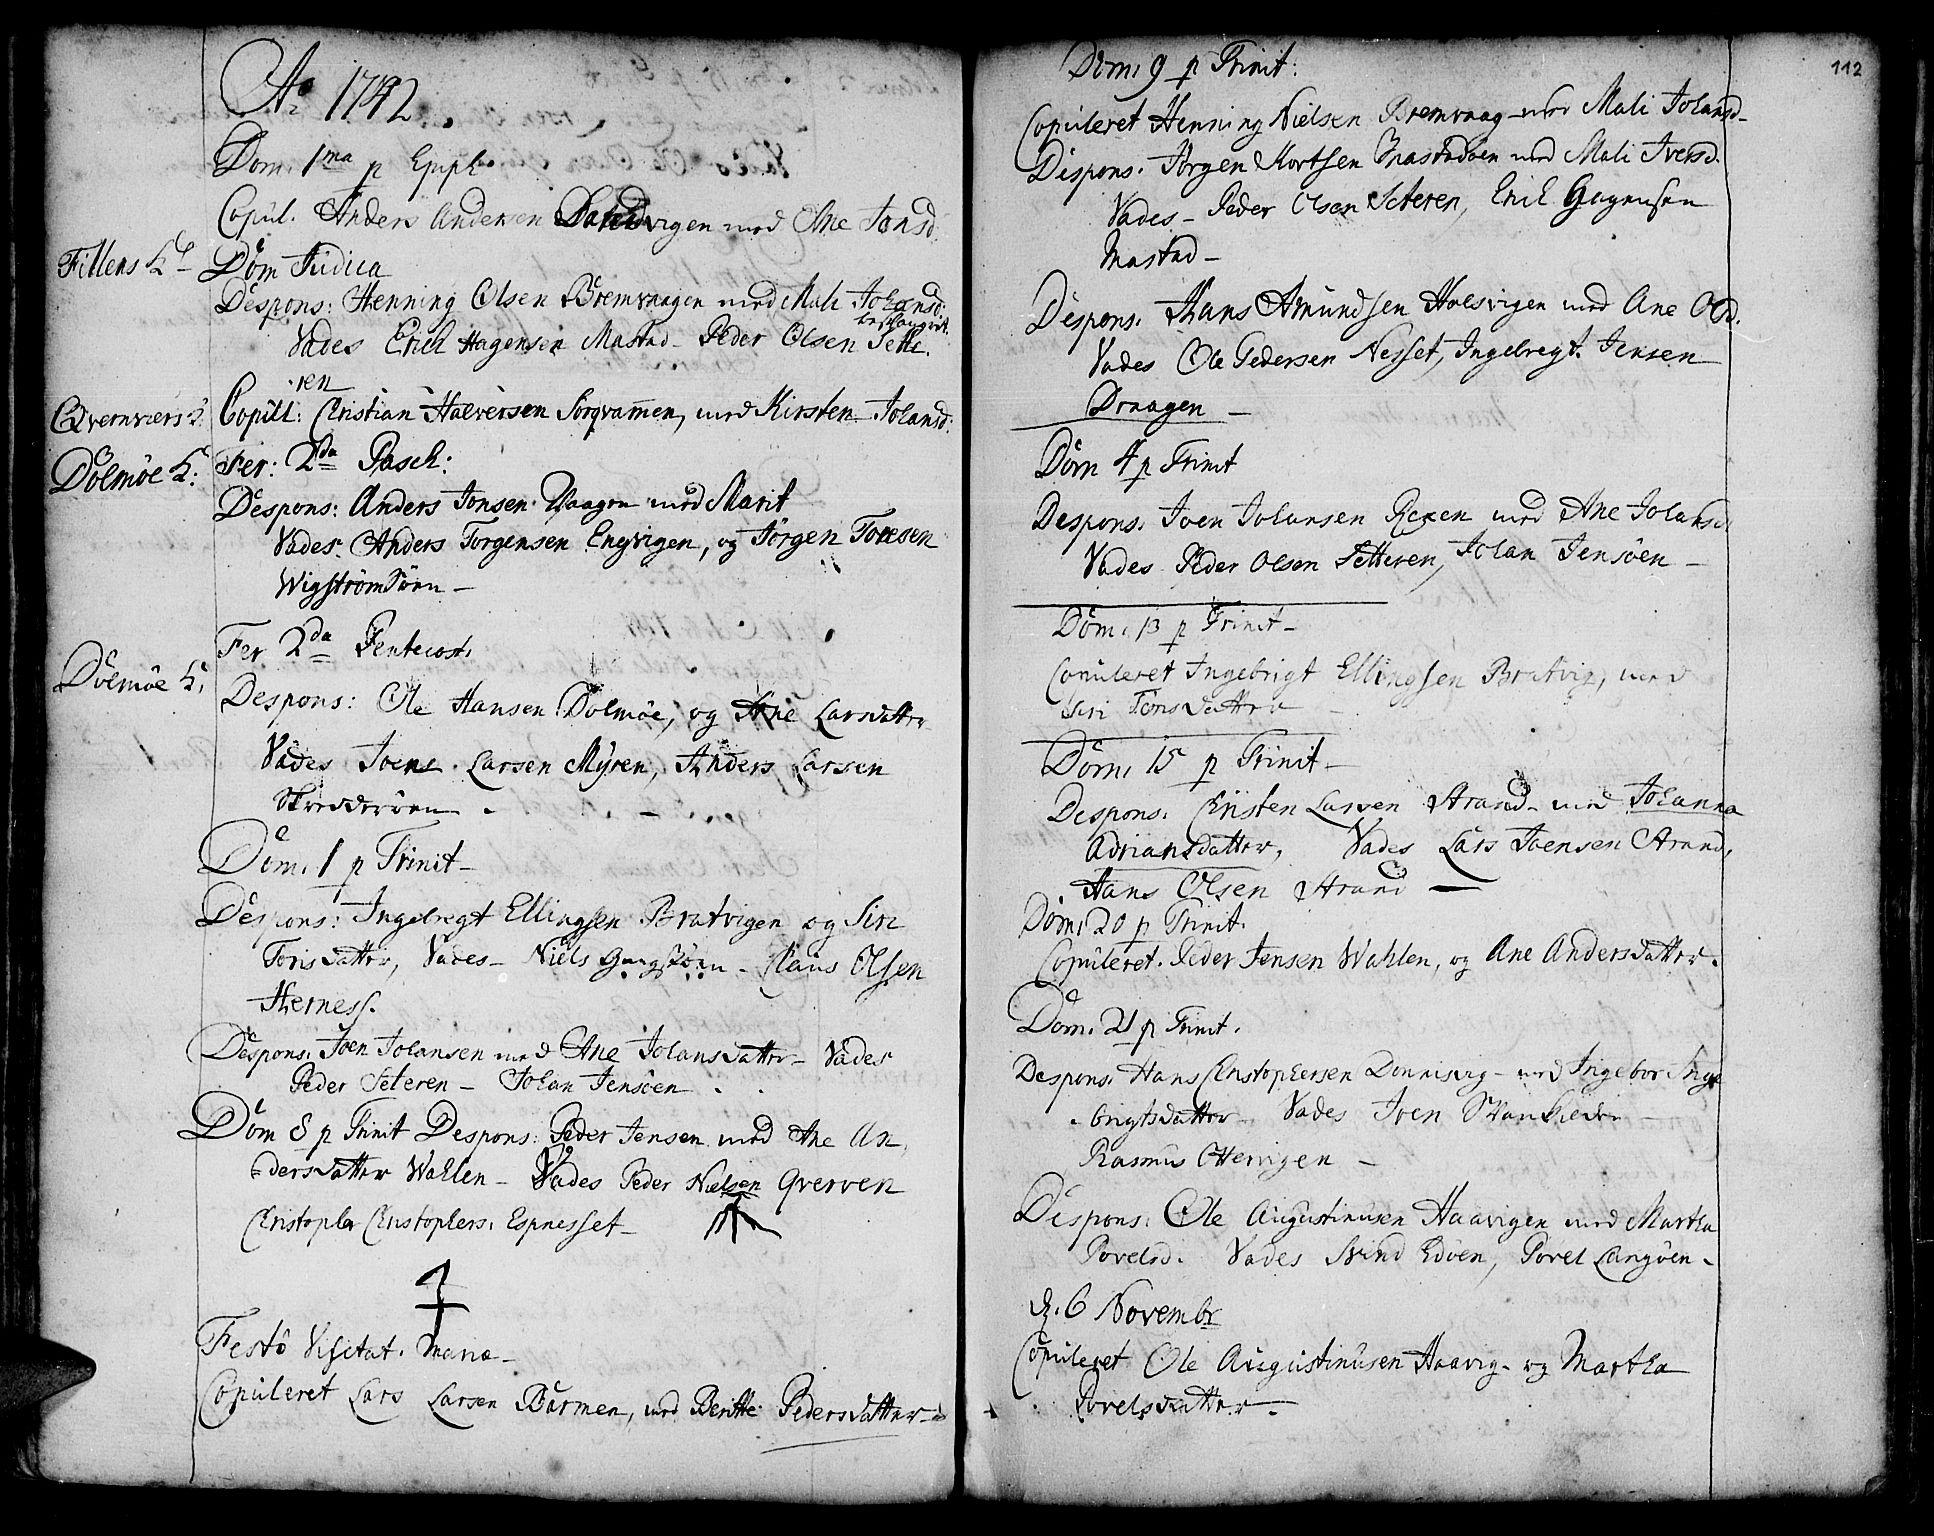 SAT, Ministerialprotokoller, klokkerbøker og fødselsregistre - Sør-Trøndelag, 634/L0525: Ministerialbok nr. 634A01, 1736-1775, s. 112